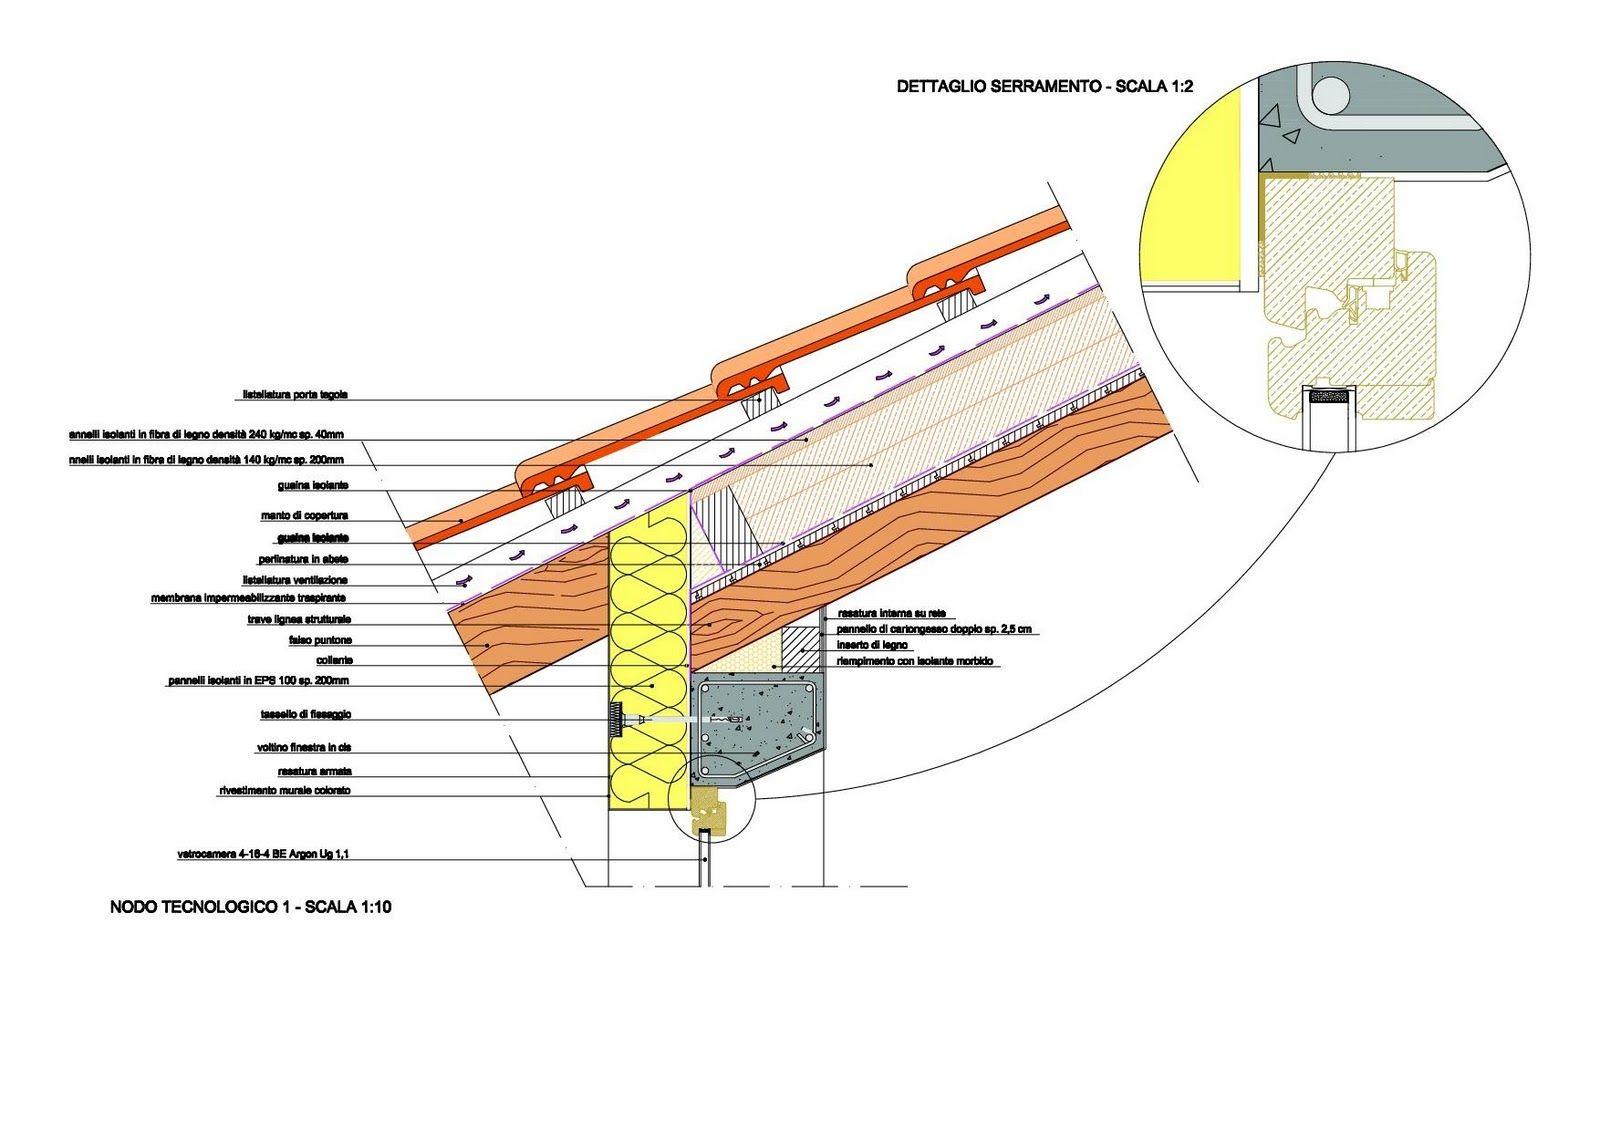 Pin di metat gomer su roofs for Sezione tetto in legno dwg